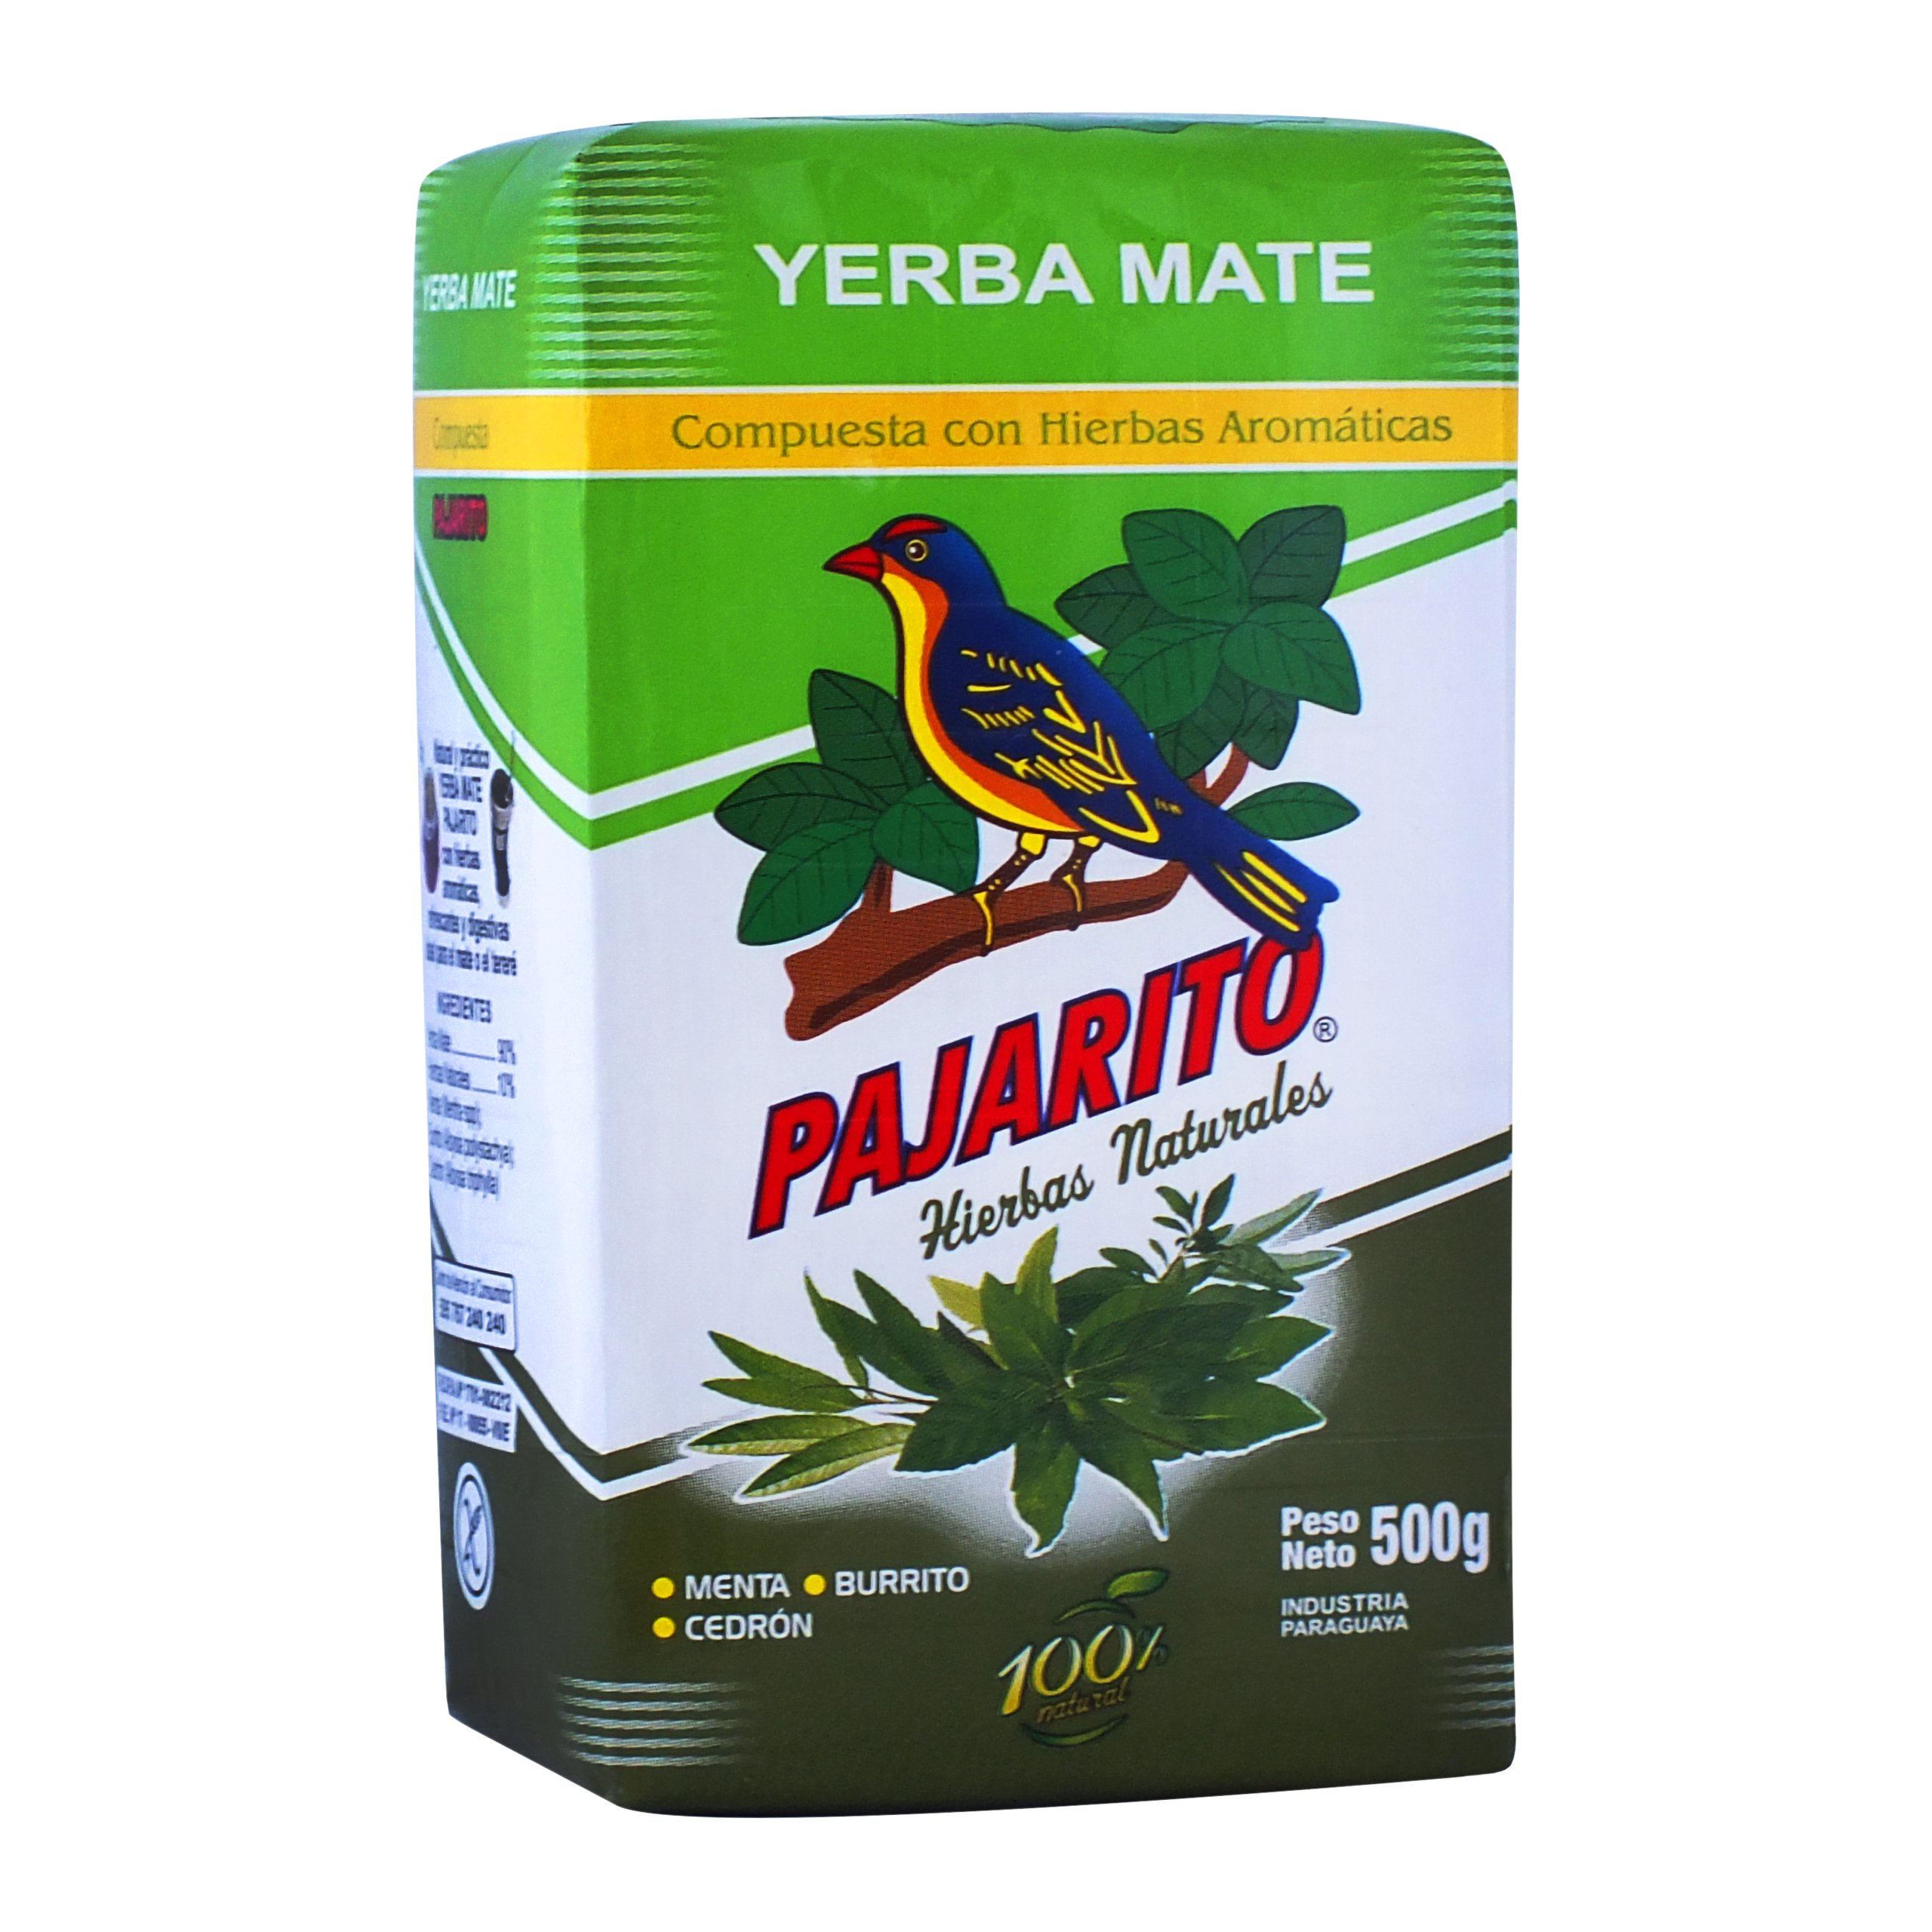 Yerba Mate Pajarito Compuesta Hierbas Ноль ,5 кг 500?